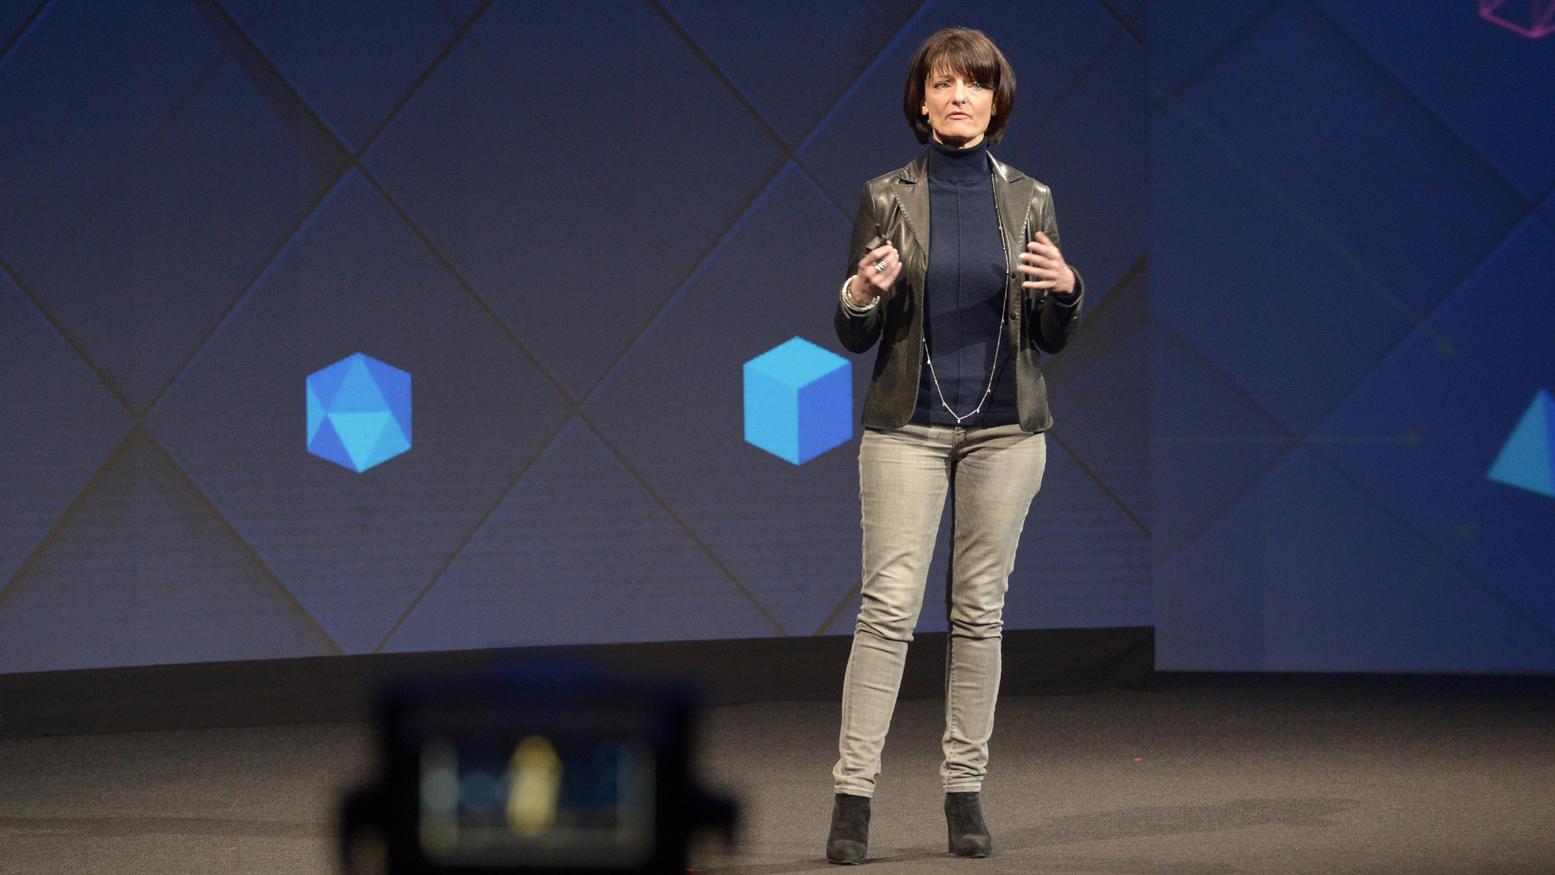 Facebook-Managerin Regina Dugan präsentiert bei der hauseigenen Entwicklerkonferenz F8 am 19.4.2017 in San Jose (Kalifornien, USA) das Projekt, Menschen mit Hilfe von Sensoren Worte direkt aus ihrem Gehirn in Computer eintippen zu lassen. Foto: Andre